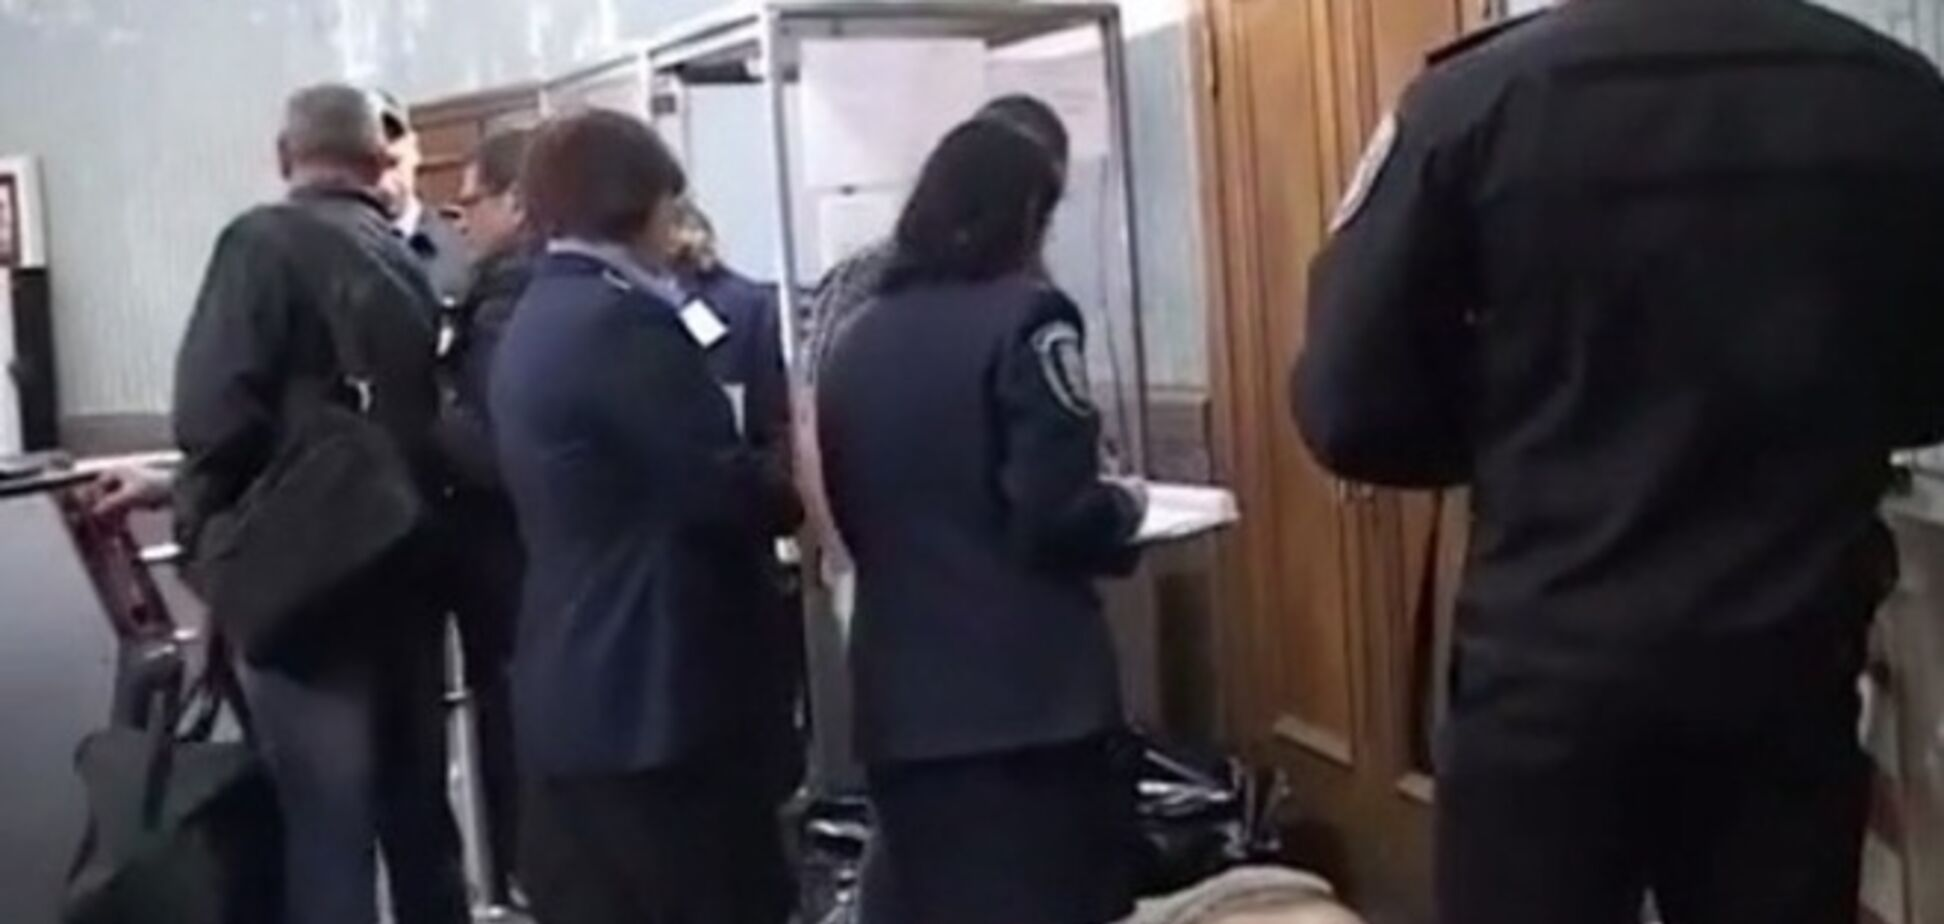 Киевлянина убили в метро чрезвычайно редким, сильнейшим ядом